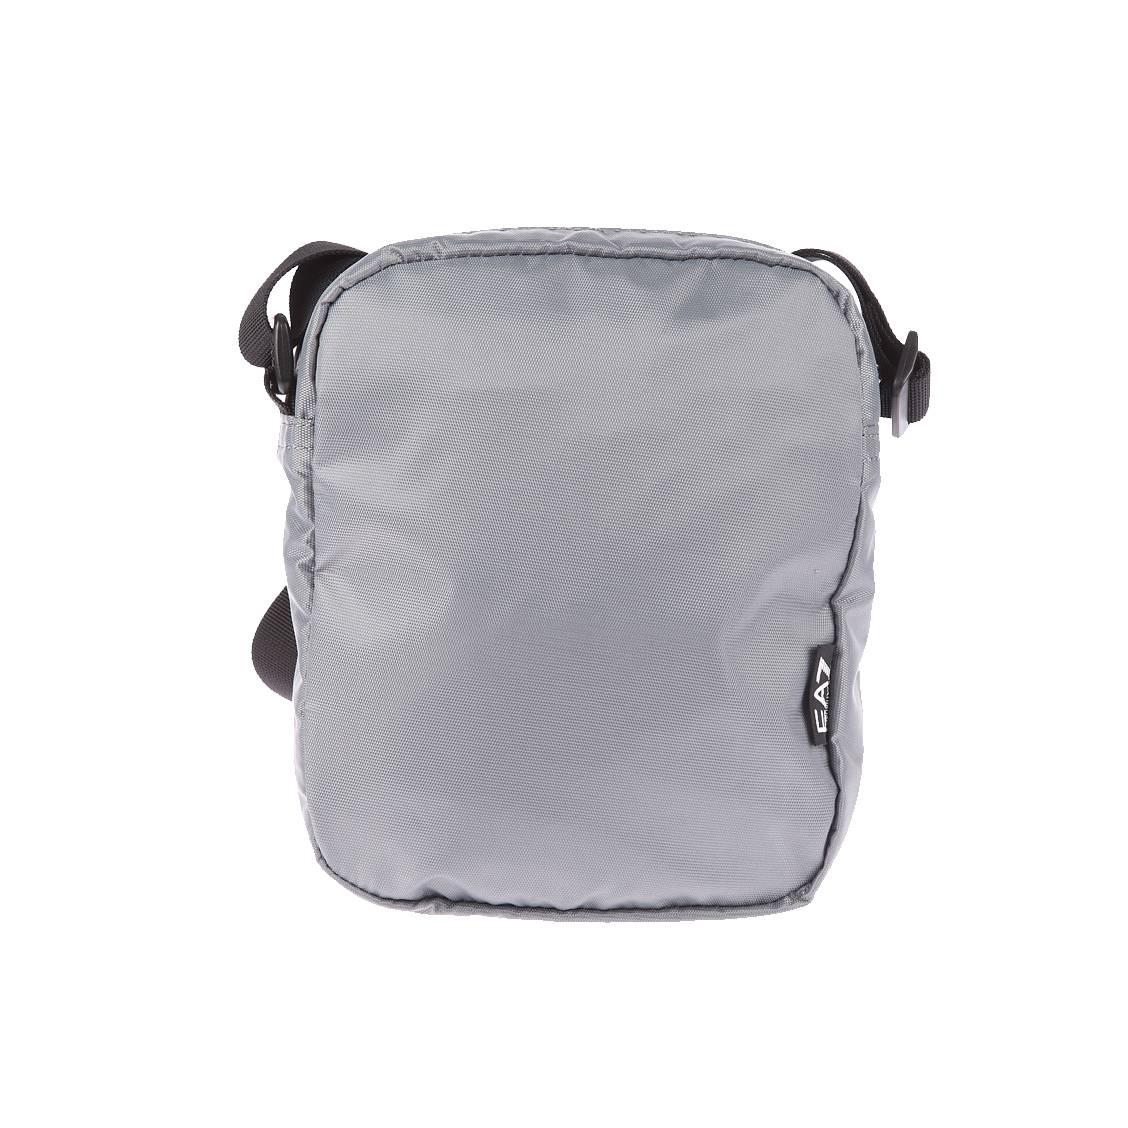 Petite sacoche EA7 en toile gris argenté avec poche avant verticale zippée Y463Vmm61